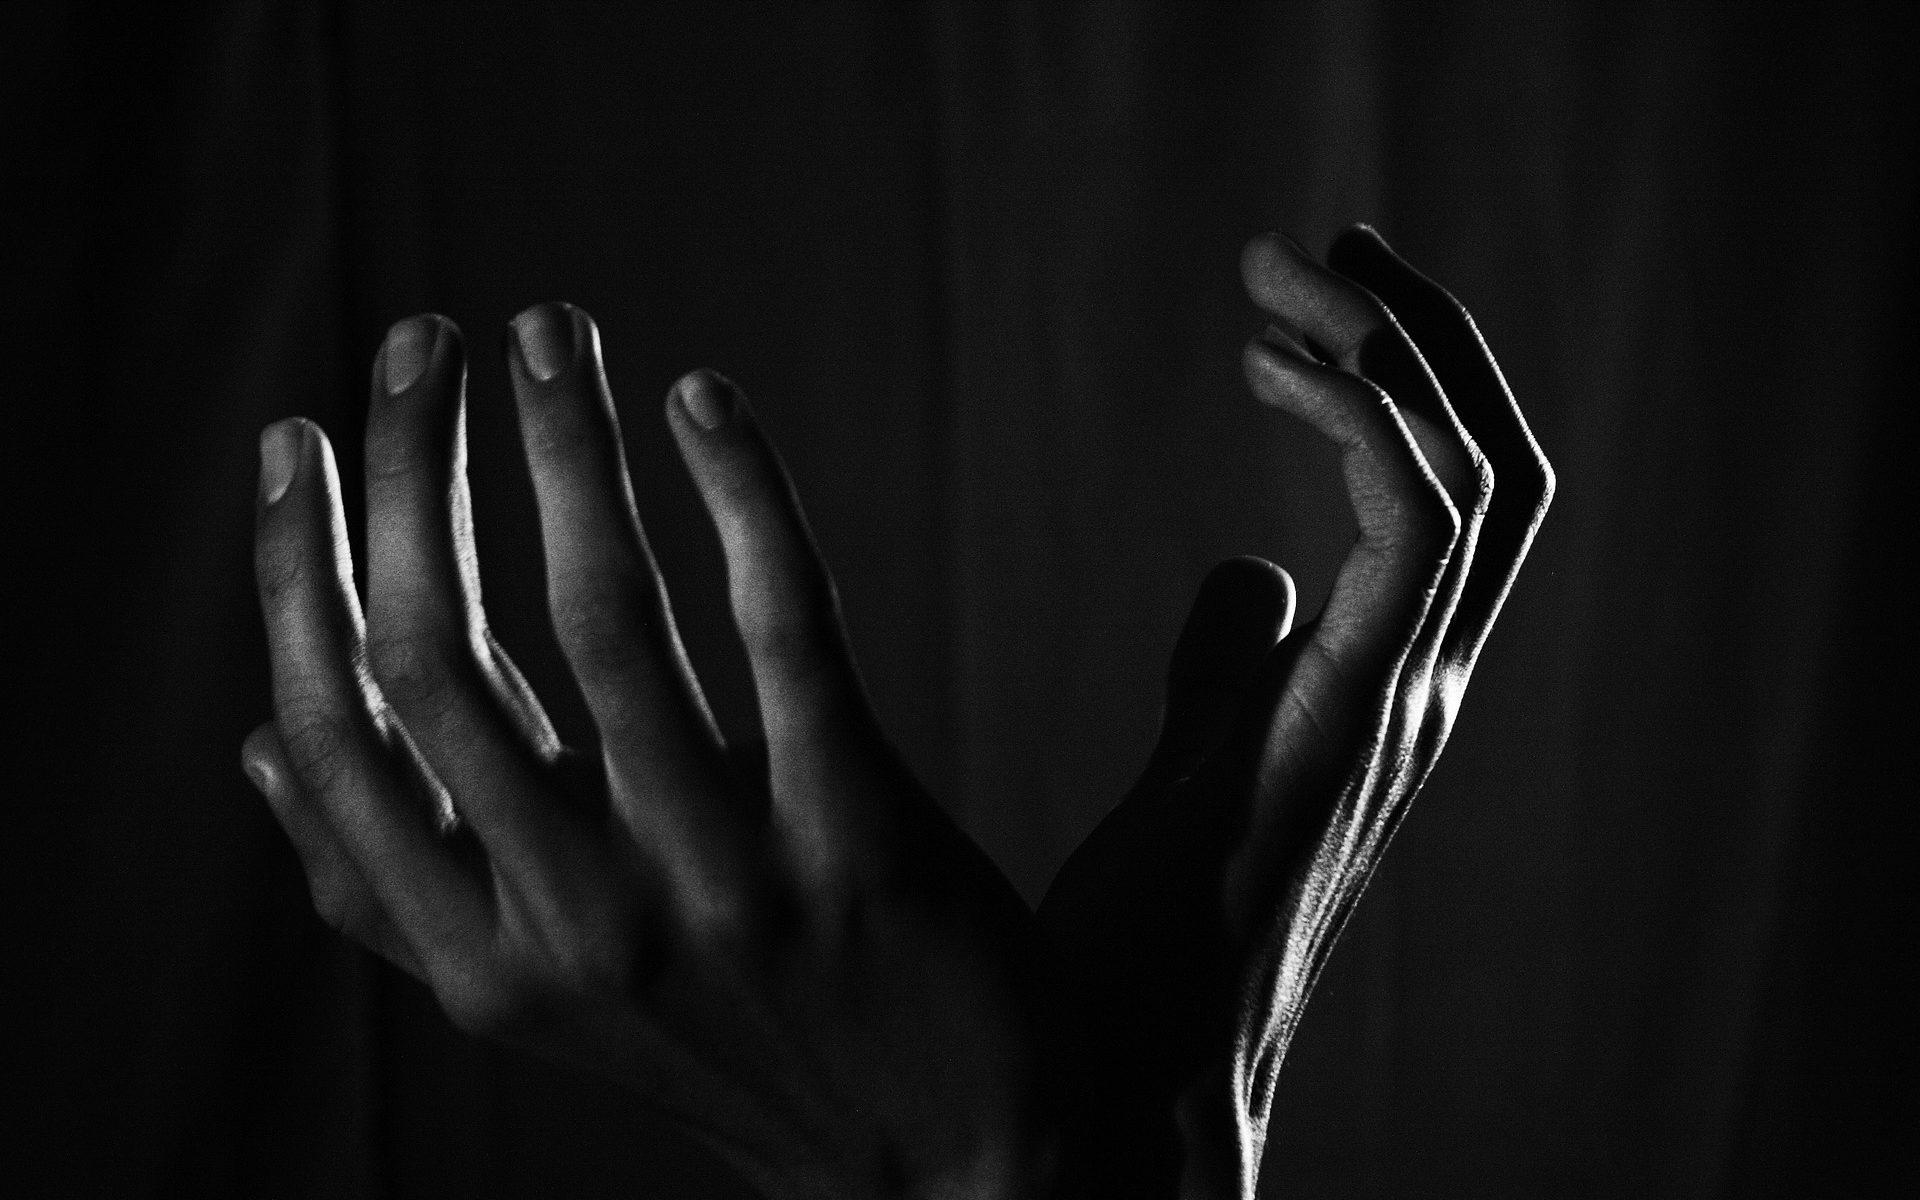 Staat onterfd kind met lege handen?